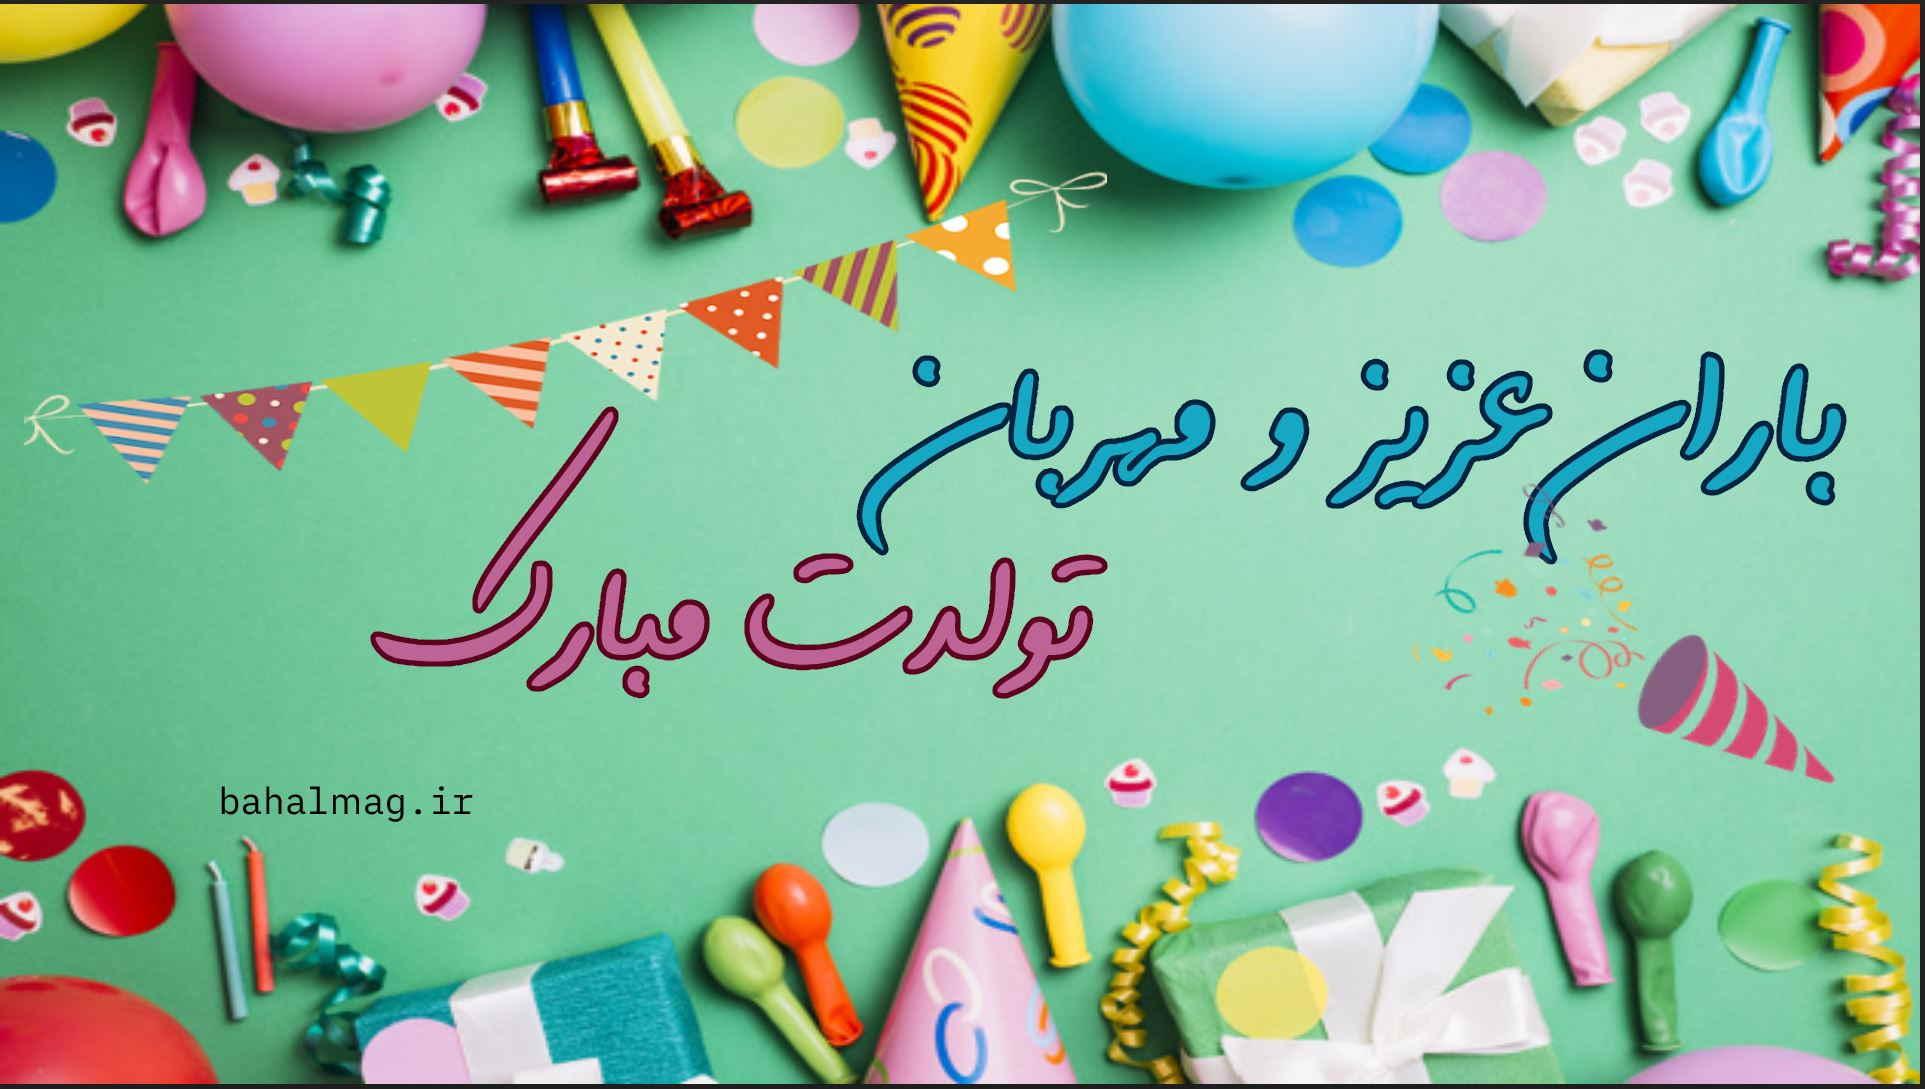 باران عزیز و مهربان تولدت مبارک